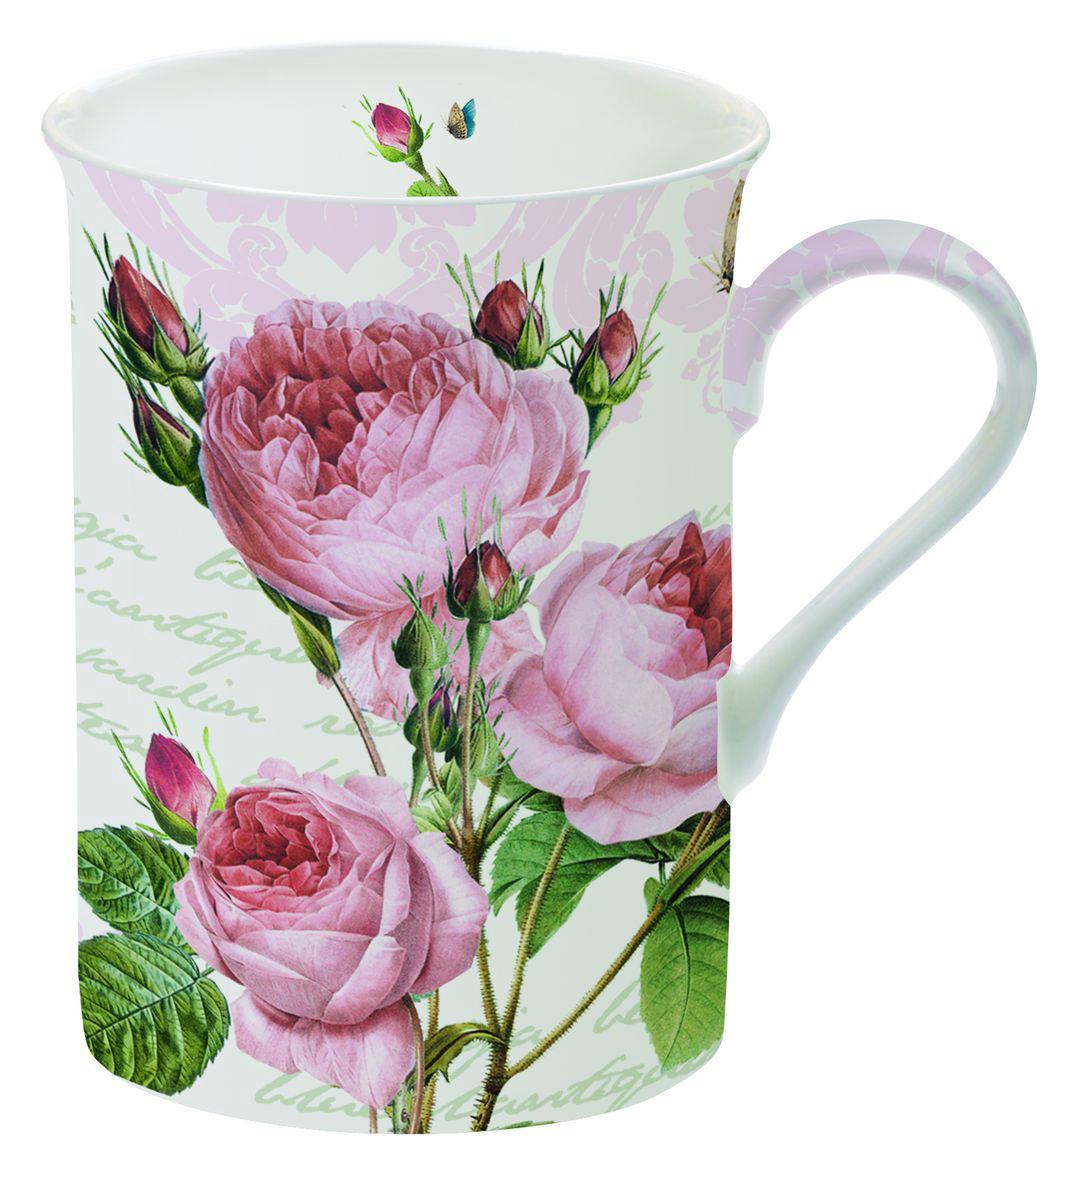 Кружка Nuova R2S Романтические розы, 250 мл329RMRКружка Nuova R2S Романтические розы изготовлена из высококачественного фарфора. Внешние стенки изделия оформлены цветочным изображением. Такая кружка станет неизменным атрибутом домашнего чаепития, а пить любимый напиток из нее будет еще приятнее.